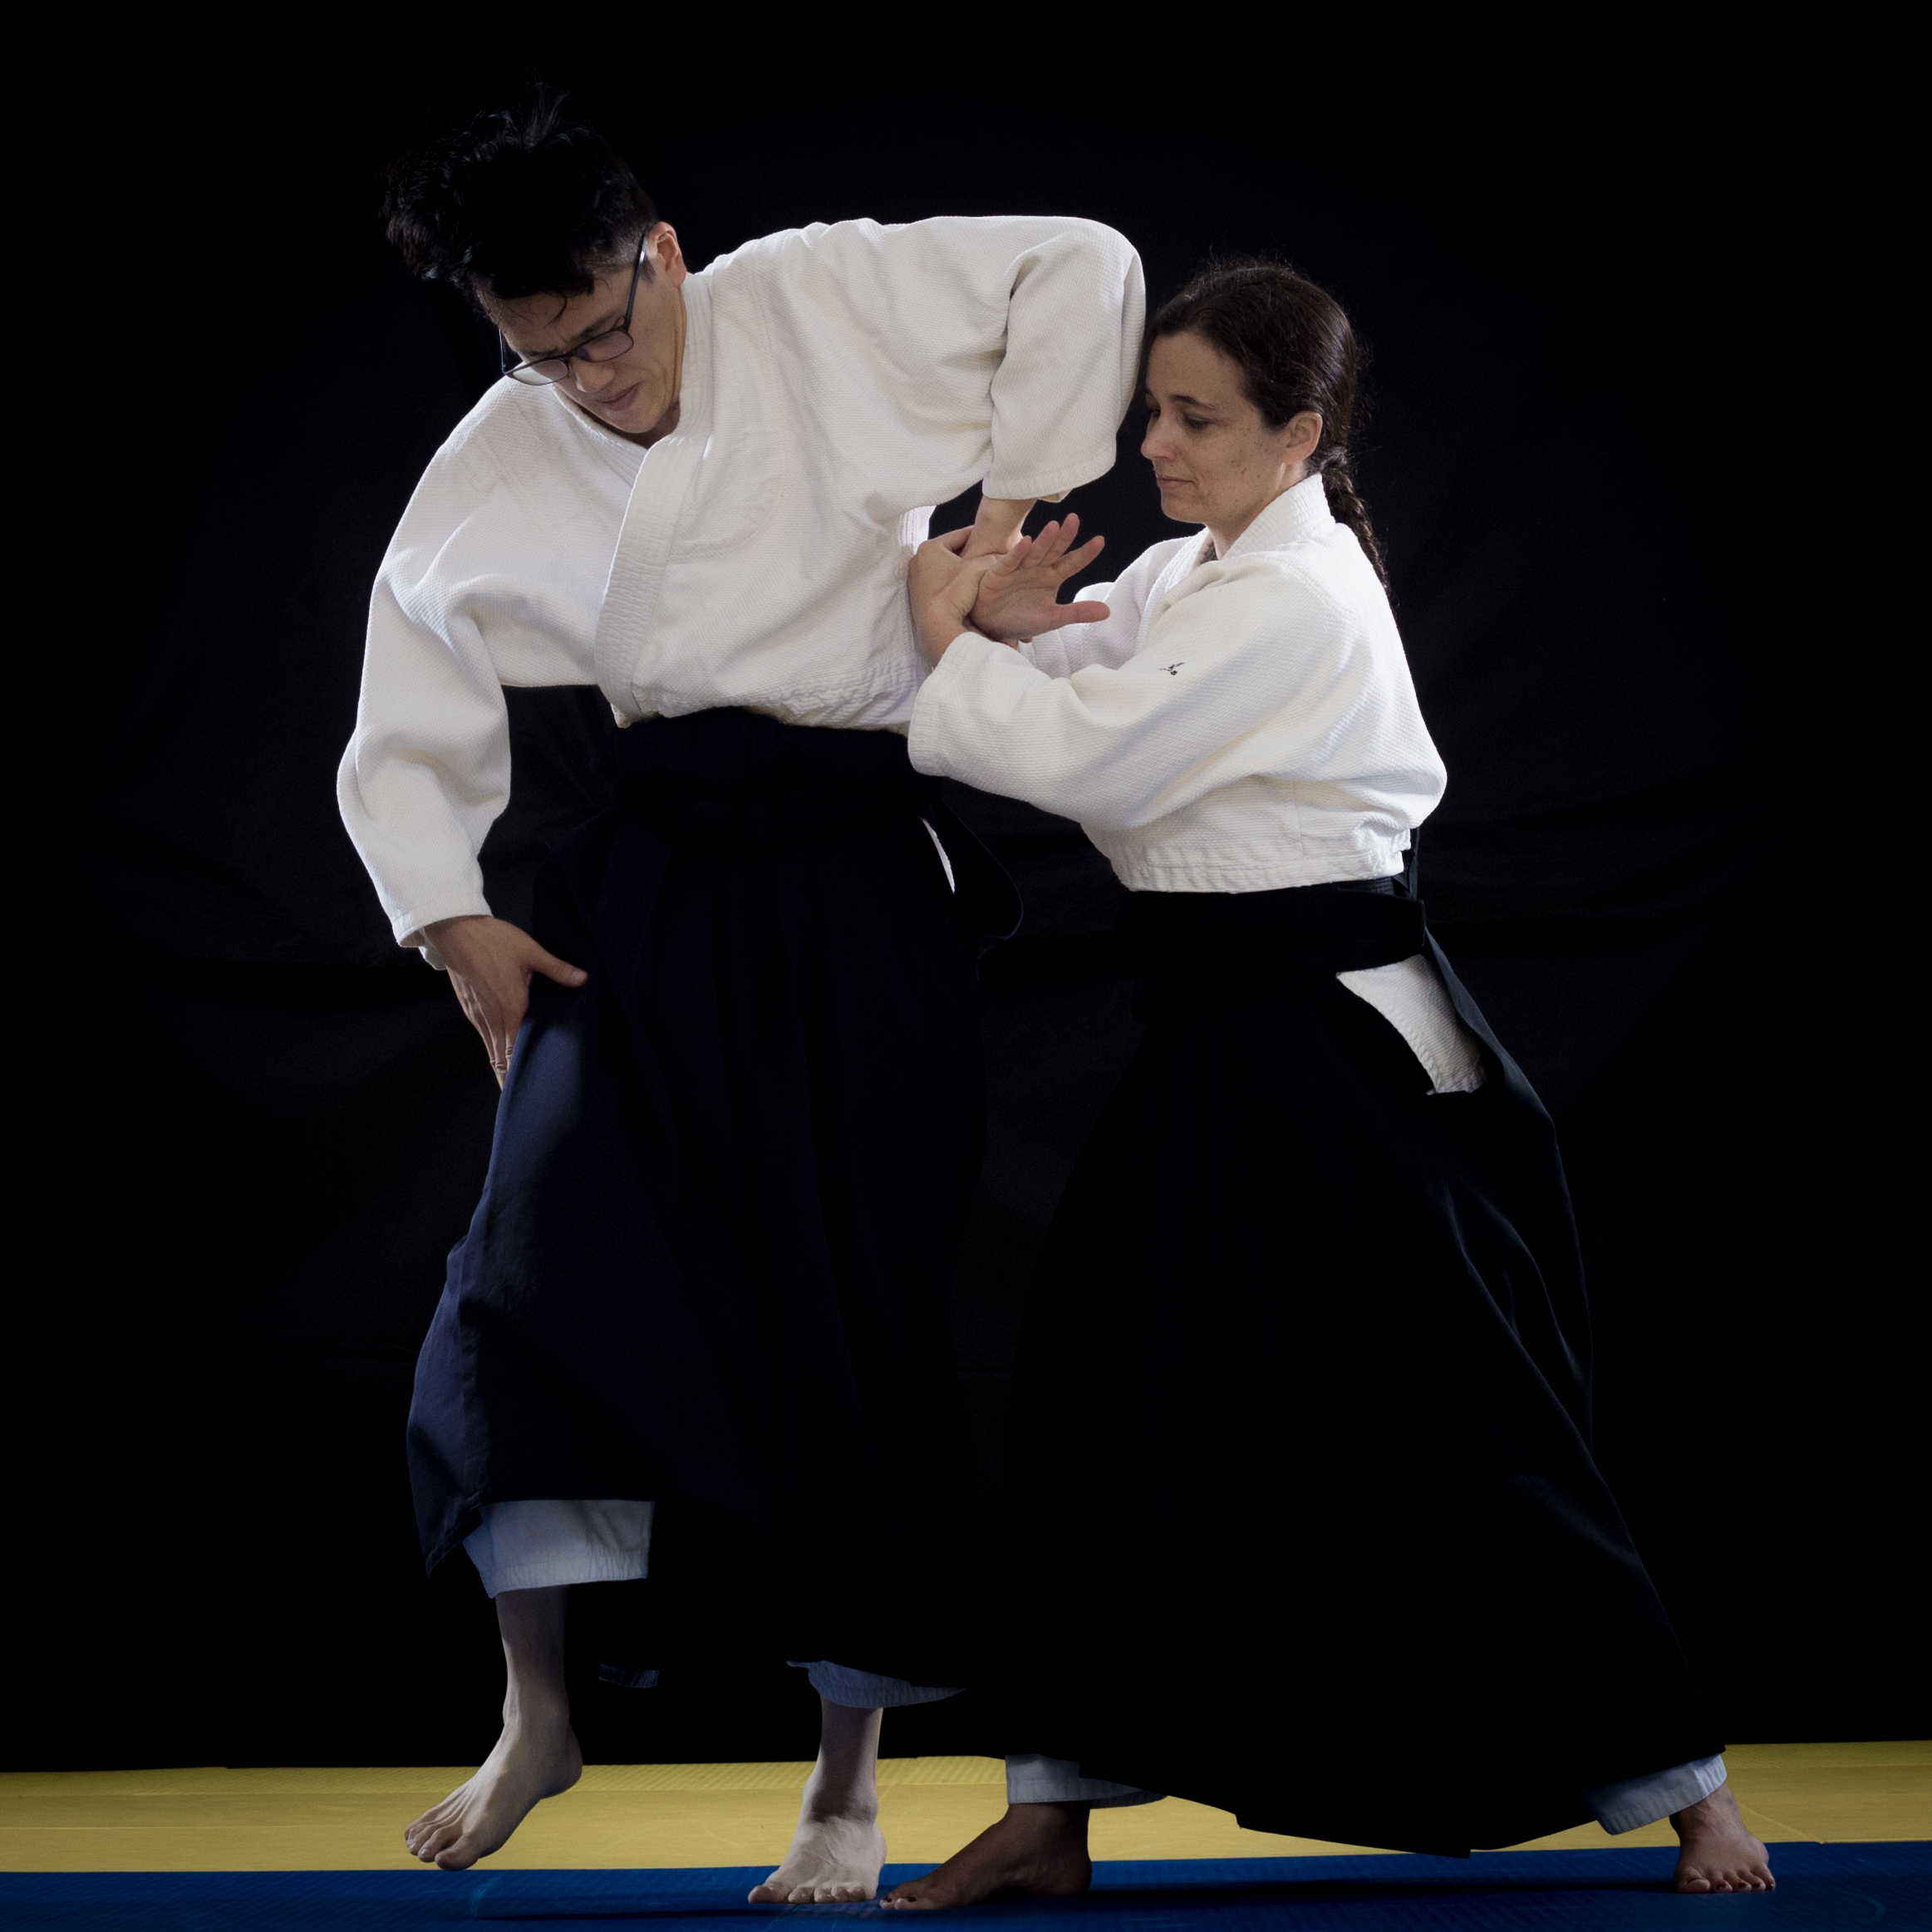 aikido_kokikai_unsw_sankyo.jpg